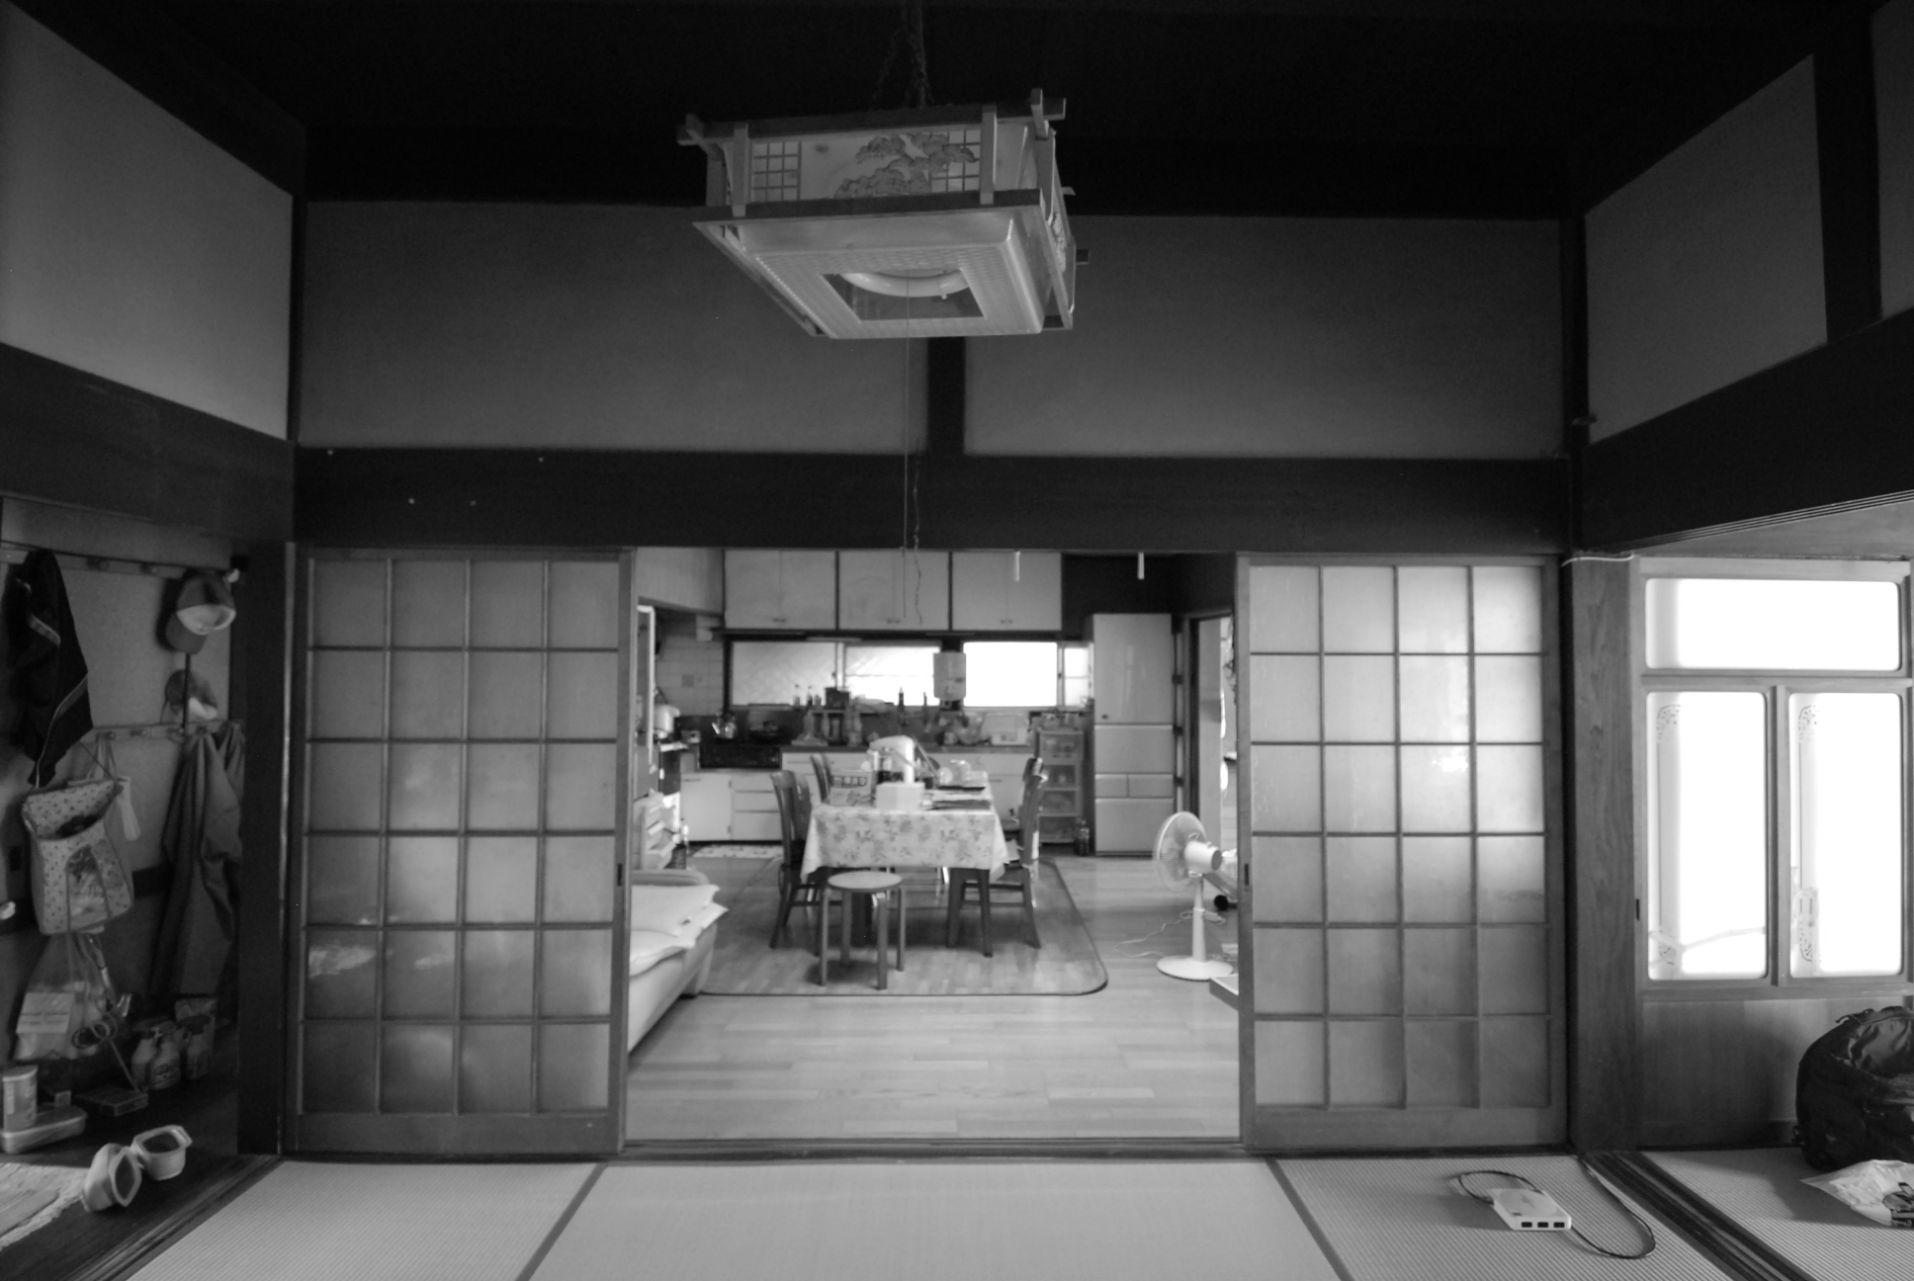 家族全員が集まるには手狭で、収納も不足していたDK。隣接する和室を取り込んでLDKを広げることに。